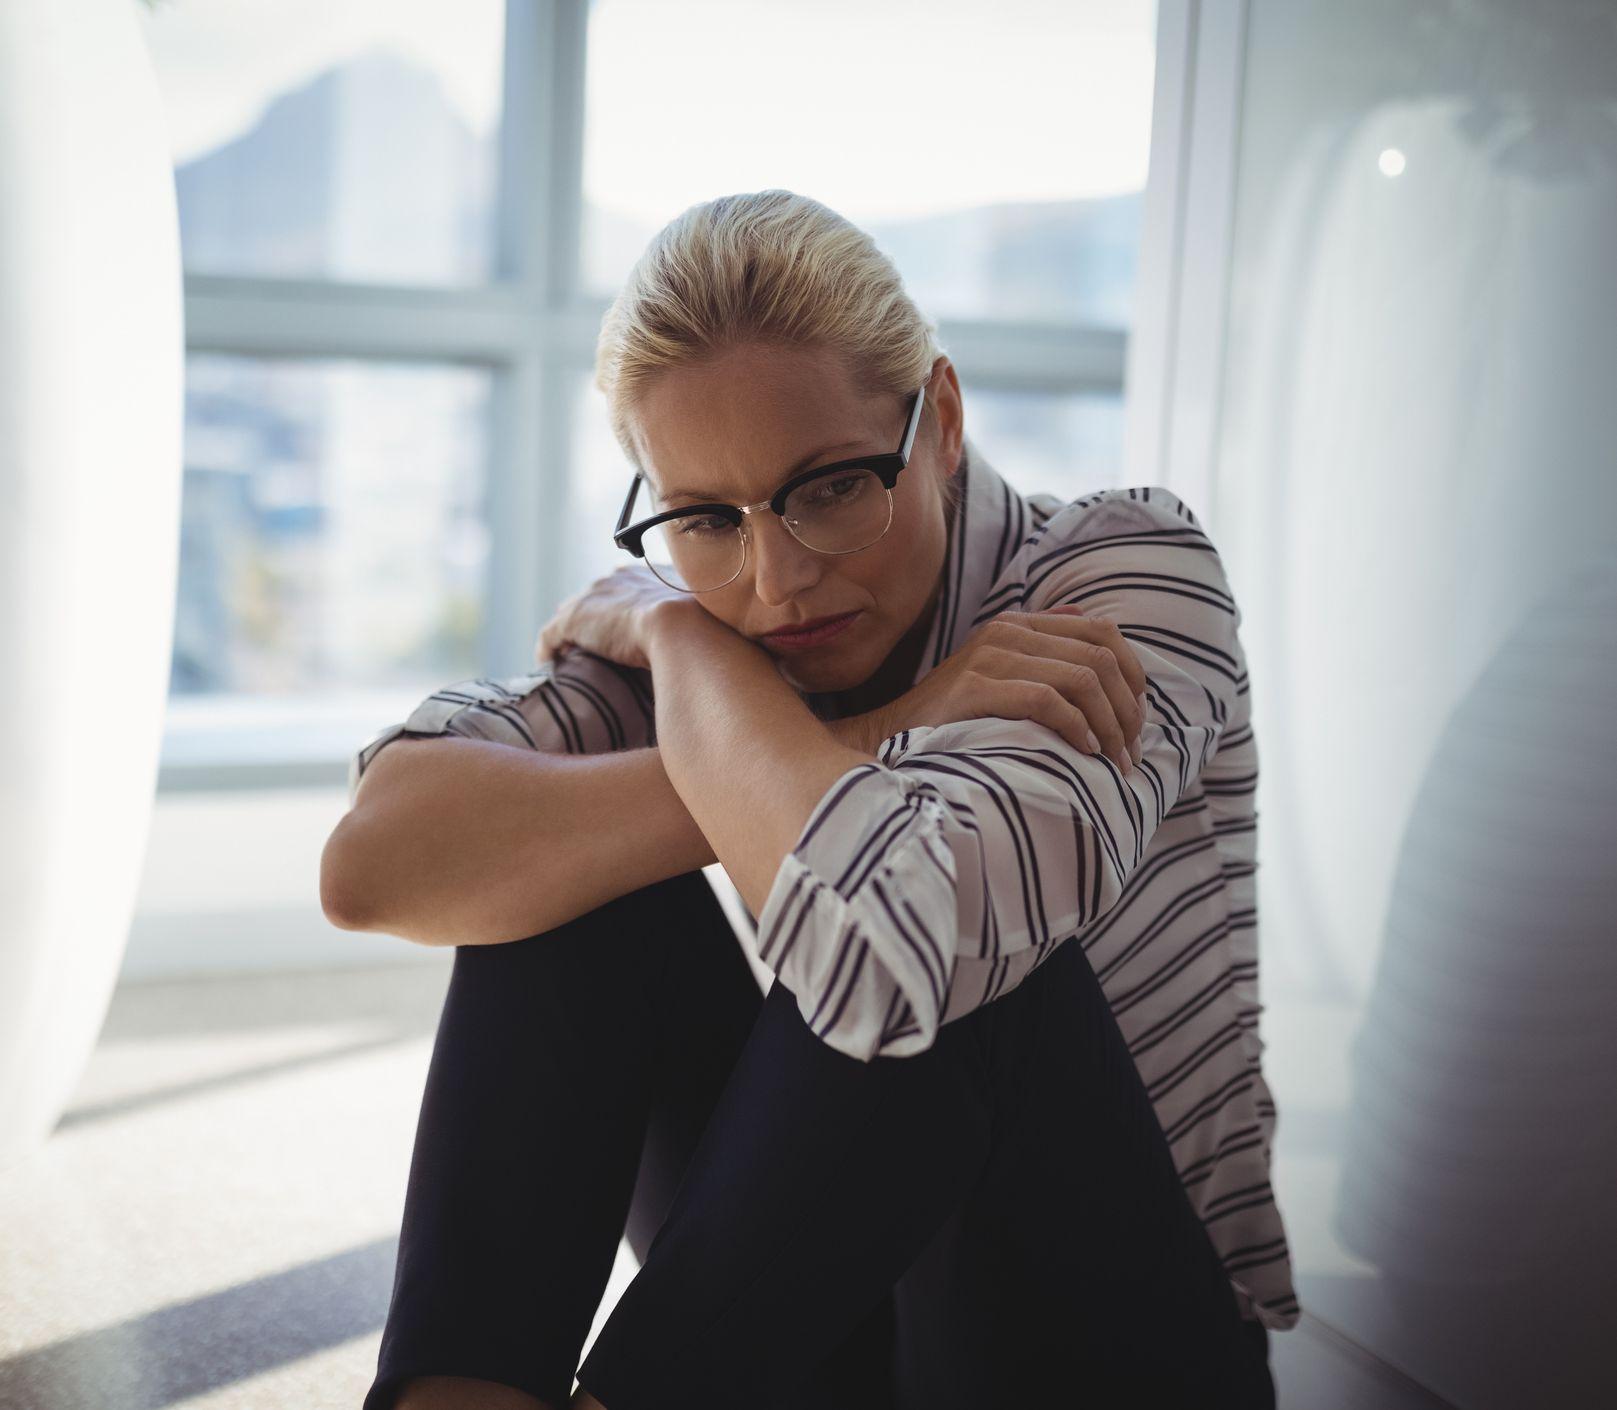 Osamelosť negatívne vplýva na zdravie: Zmeňte svoj život a objavte nové možnosti